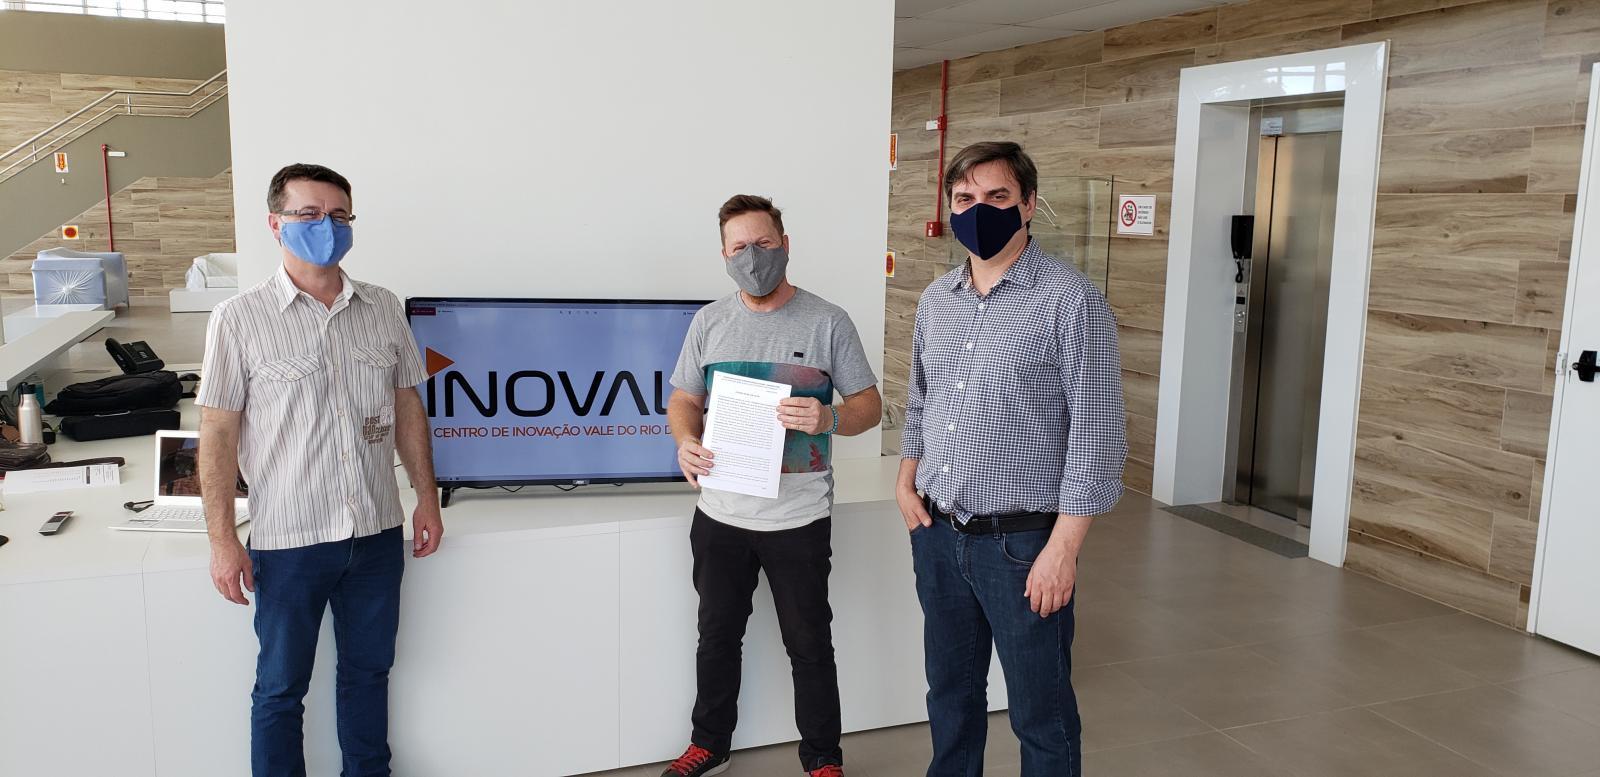 Centro de Inovação  - Empresas que já estão aqui!